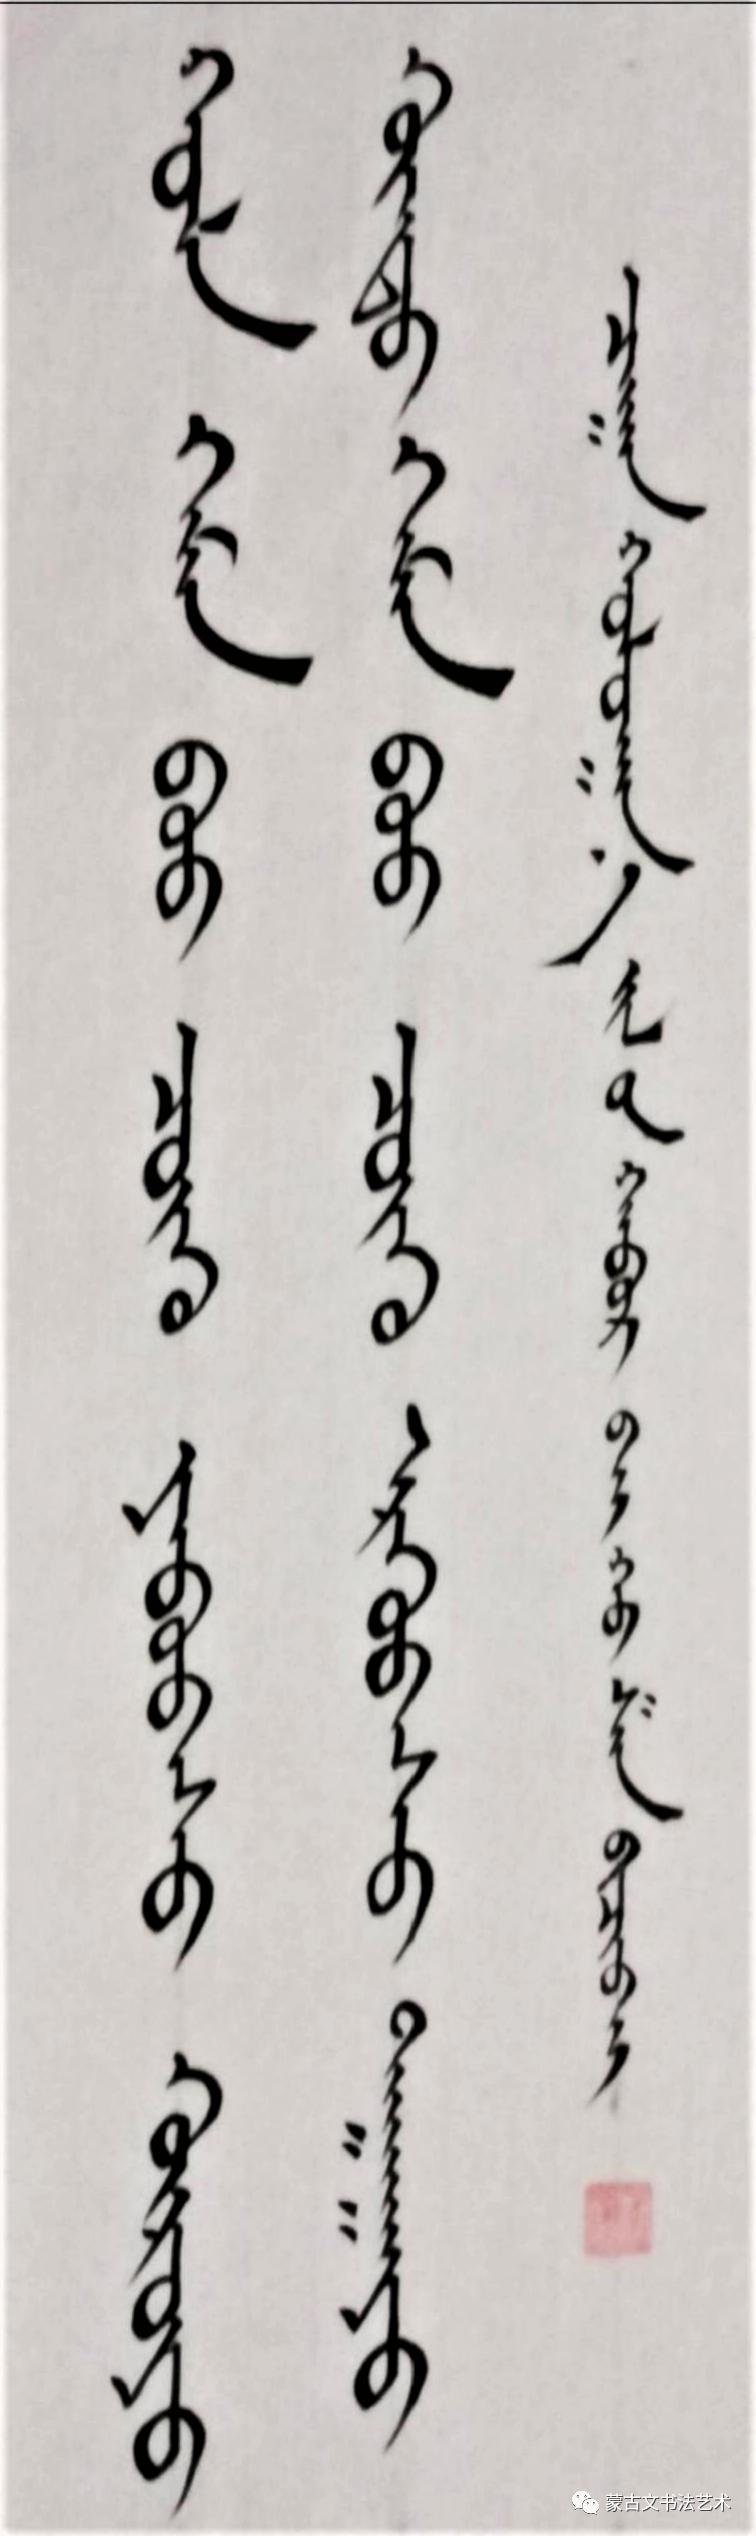 白虎山蒙古文书法 第7张 白虎山蒙古文书法 蒙古书法